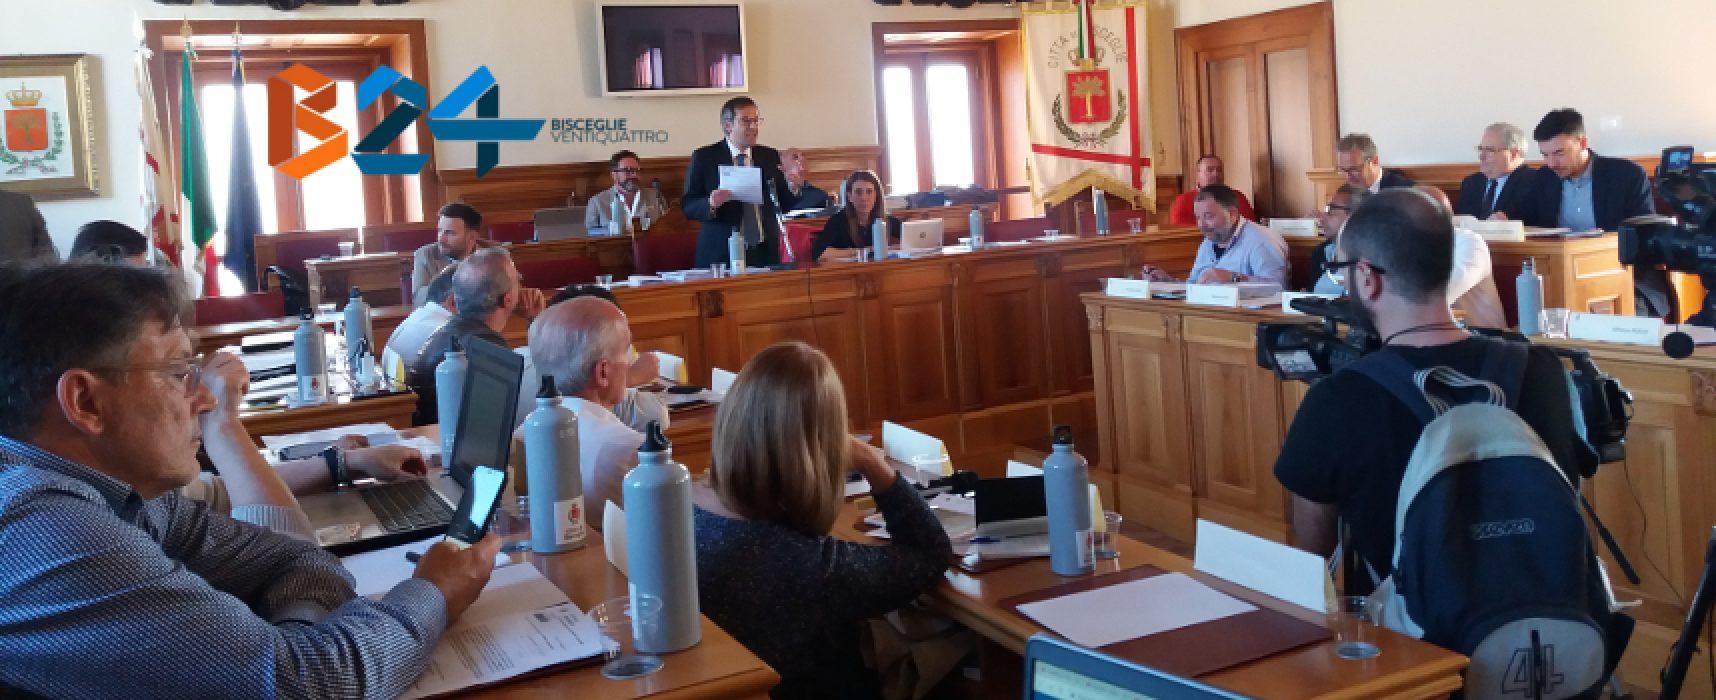 Consiglio comunale all'insegna del riconoscimento di debiti fuori bilancio